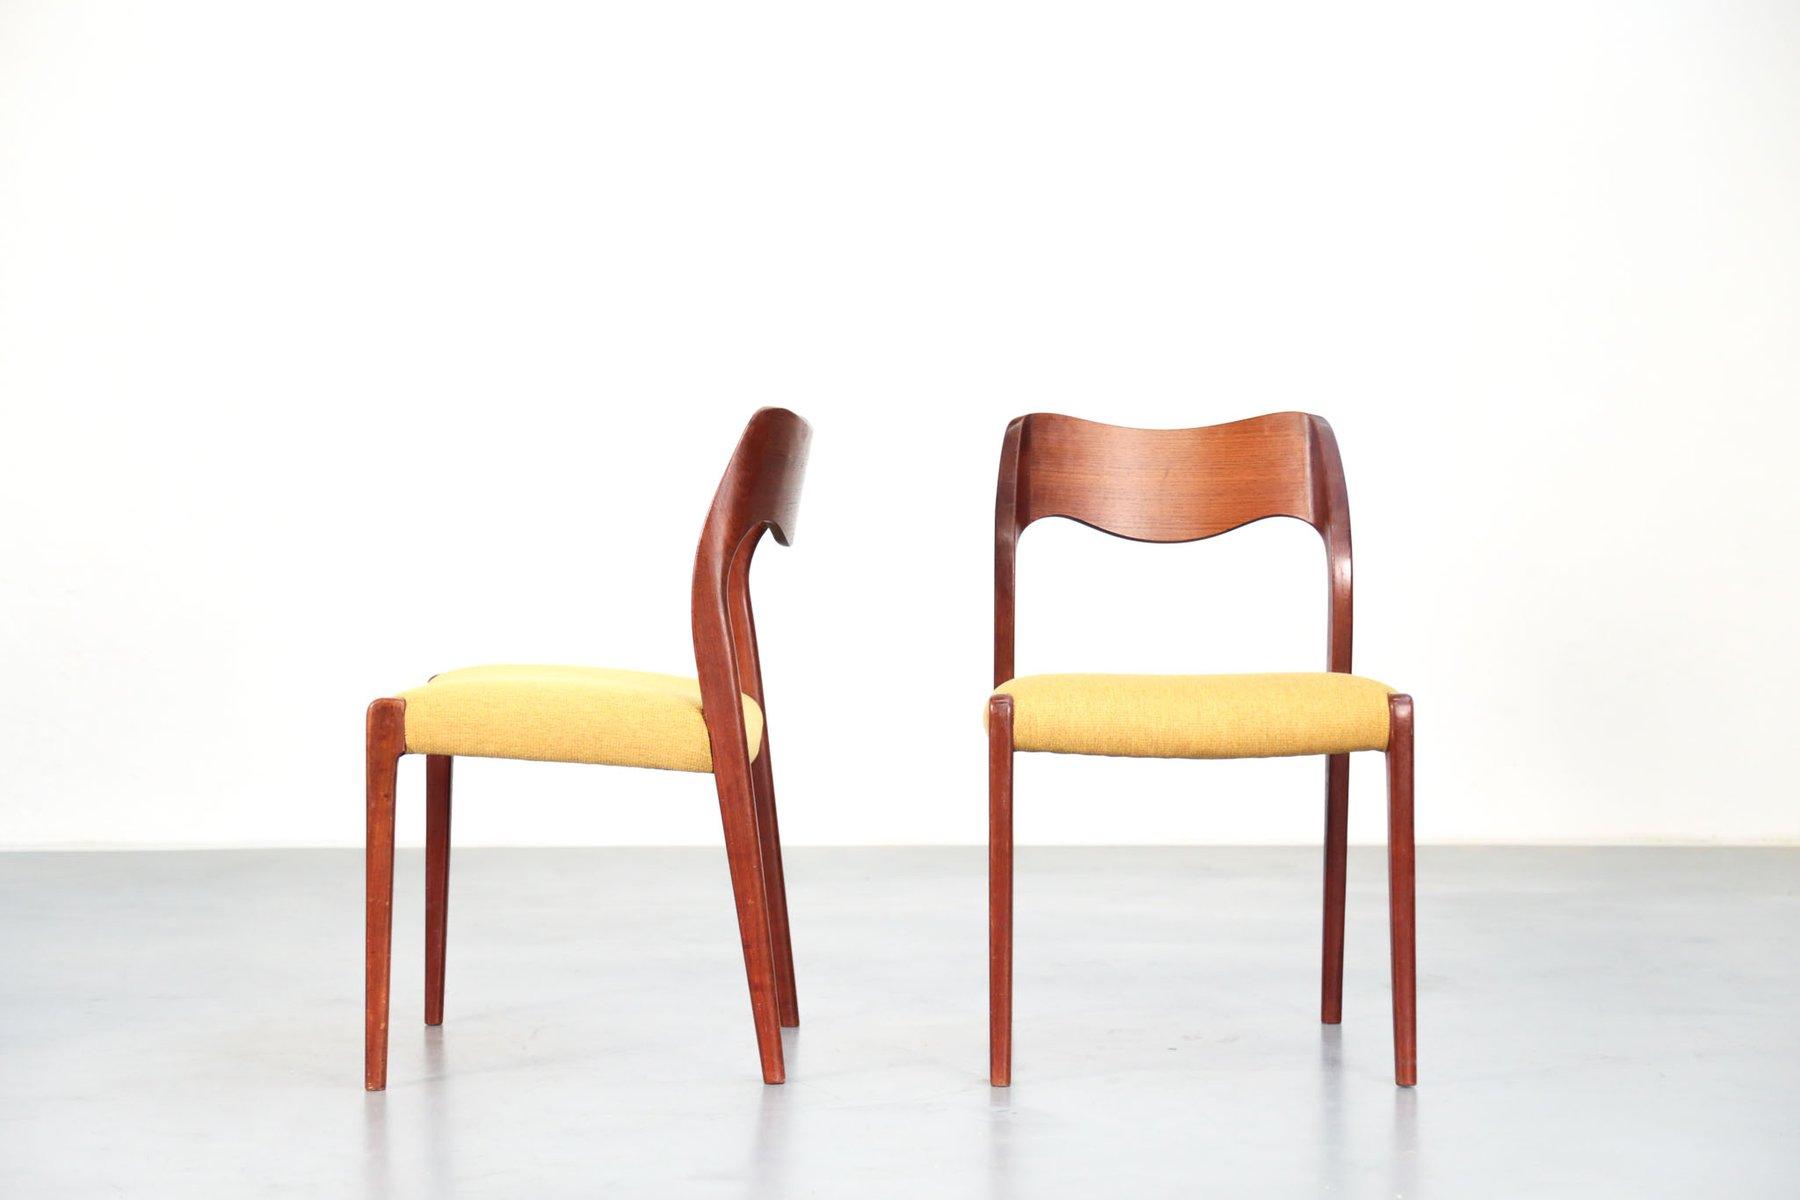 skandinavische st hle von niels otto m ller f r j l m llers 5er set bei pamono kaufen. Black Bedroom Furniture Sets. Home Design Ideas